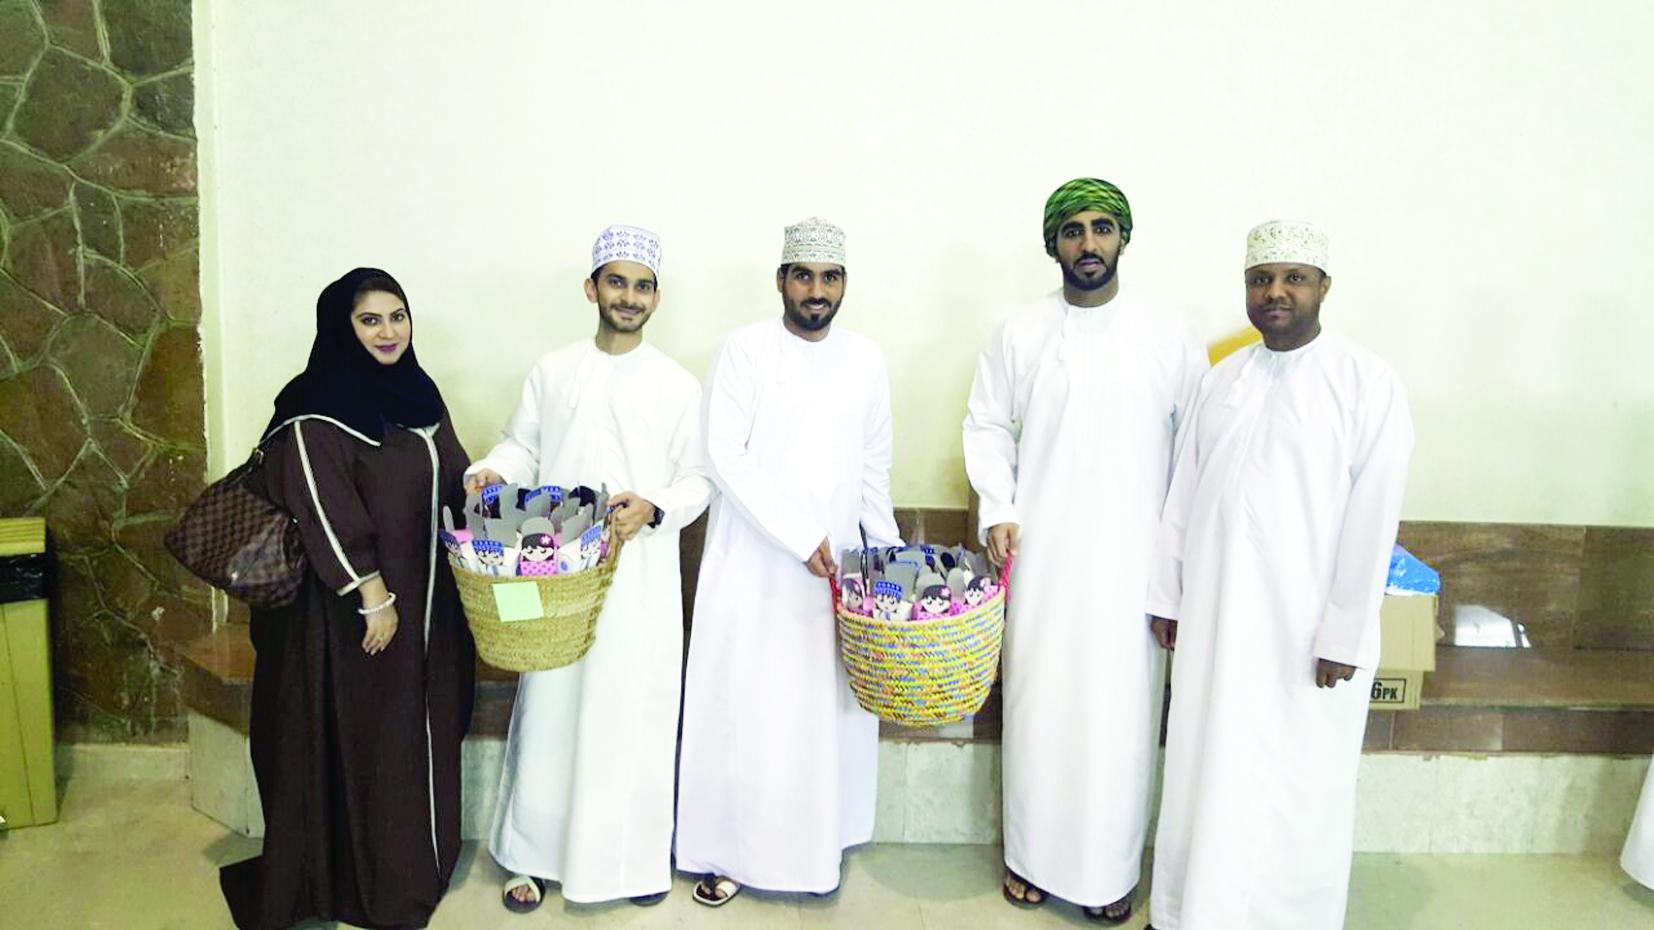 بنك صحار يحتفل بالقرنقشوه مع الأطفال في المستشفيات بالتعاون مع دار العطاء